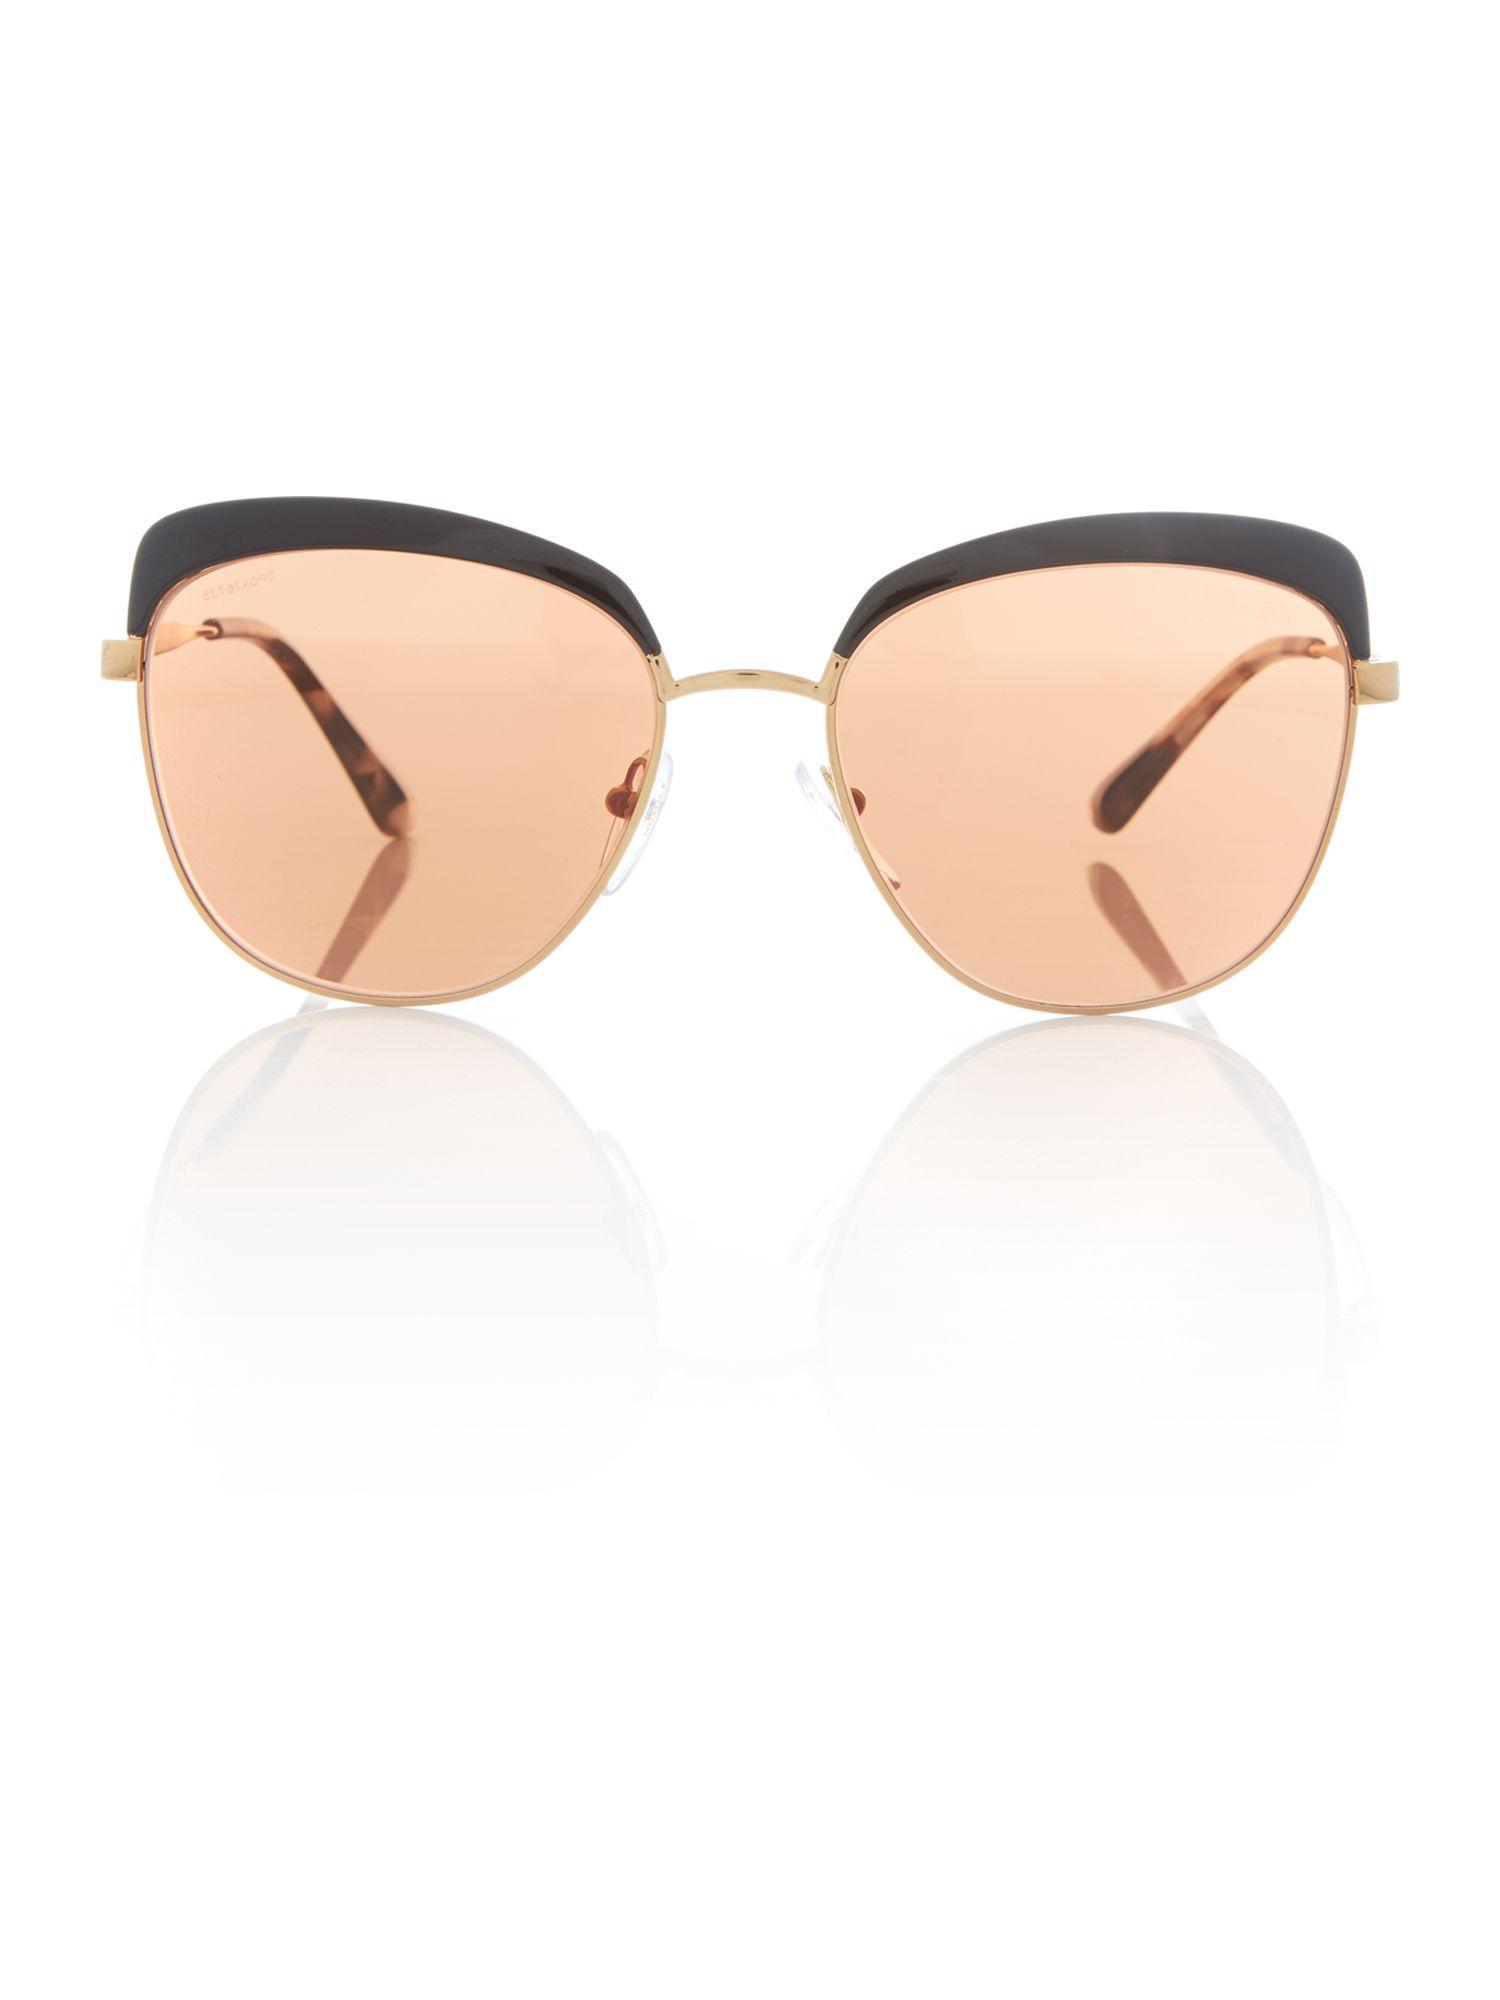 Prada Silver Square Pr 51ts Sunglasses